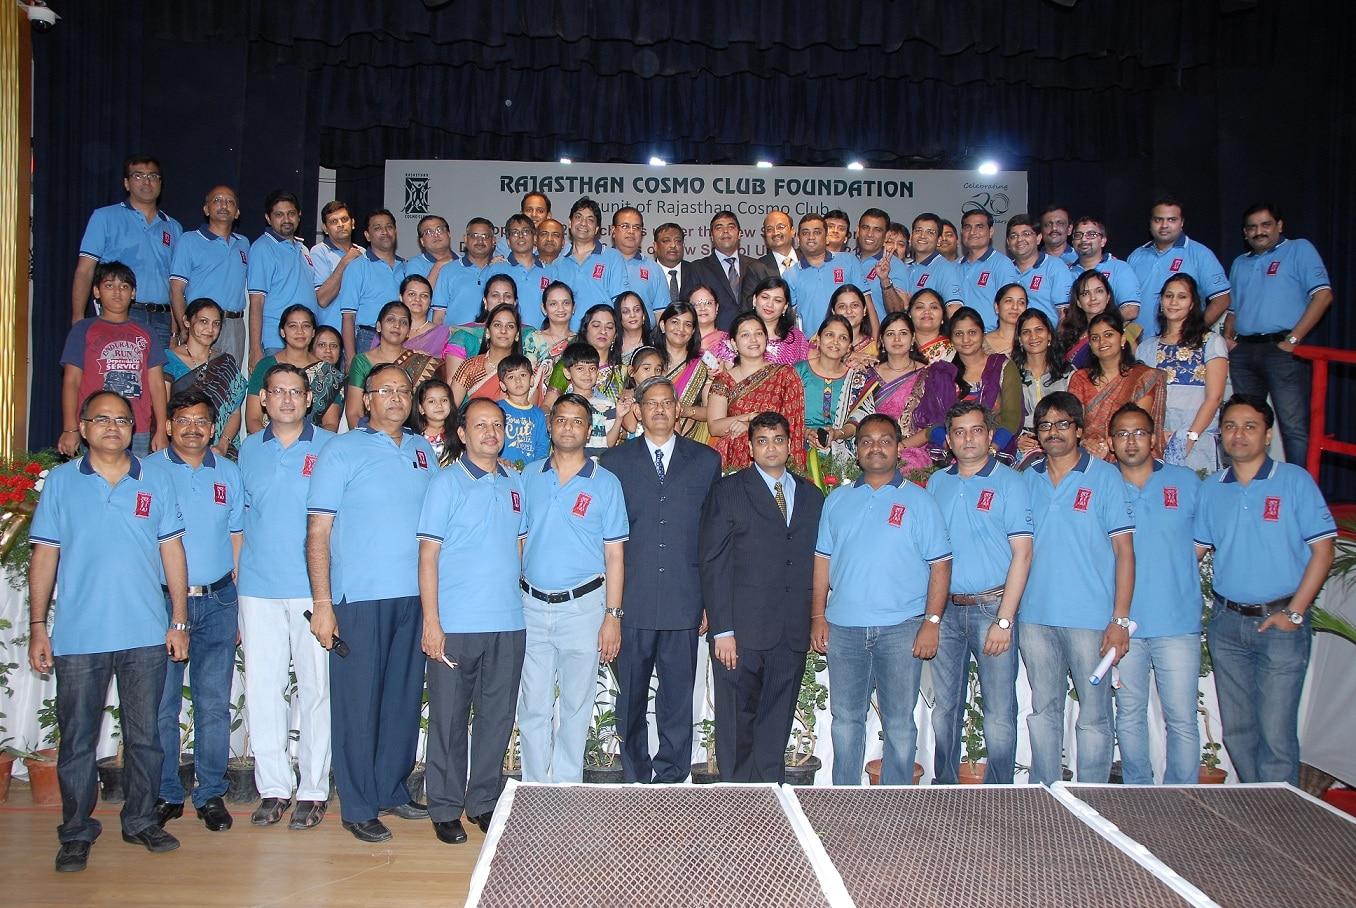 Rajasthan Cosmo Club Foundation